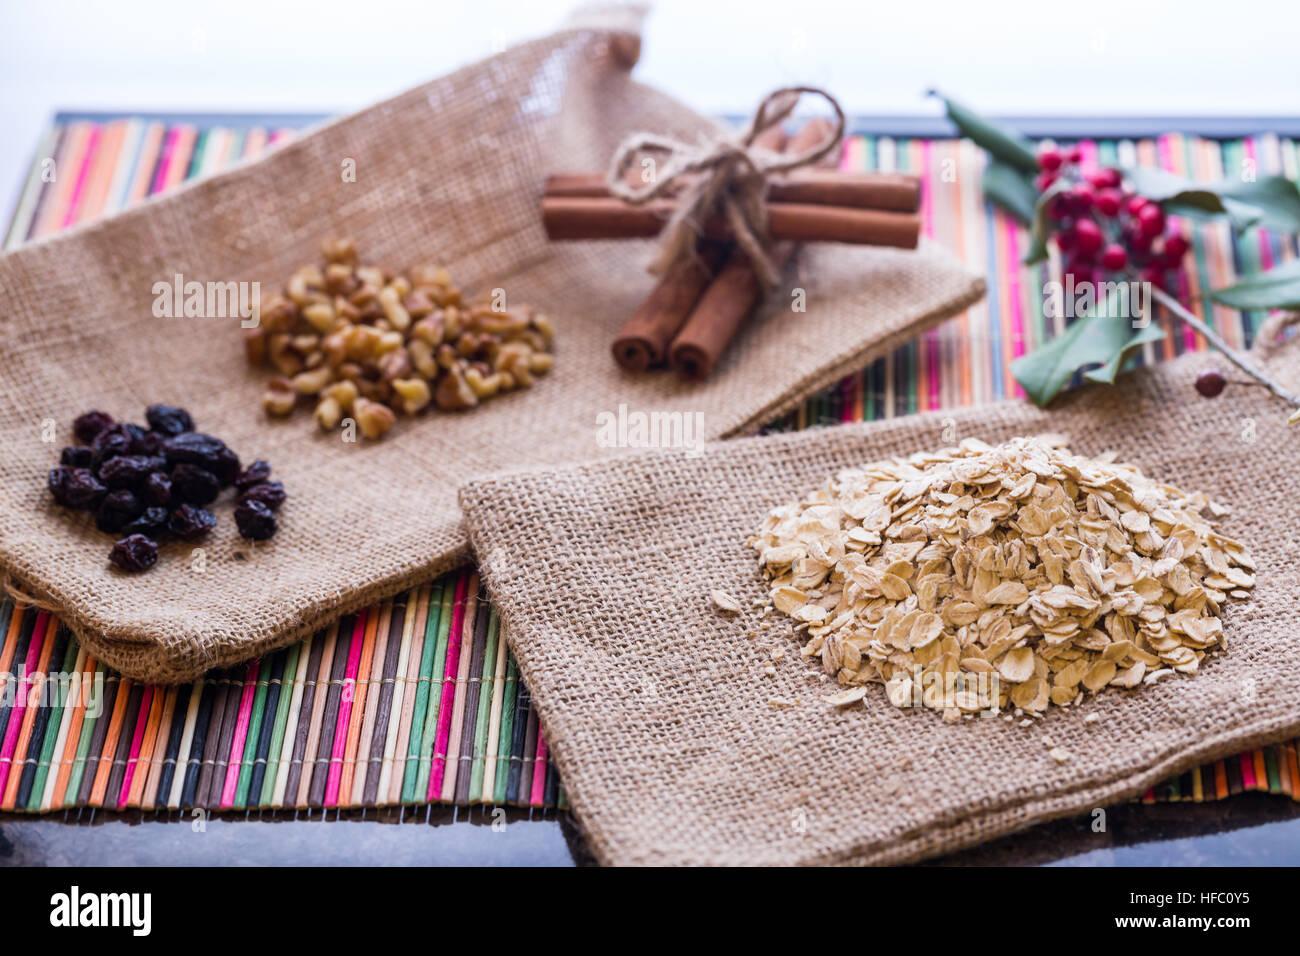 Le gruau avec des raisins secs, des noix, et des bâtons de cannelle. Banque D'Images